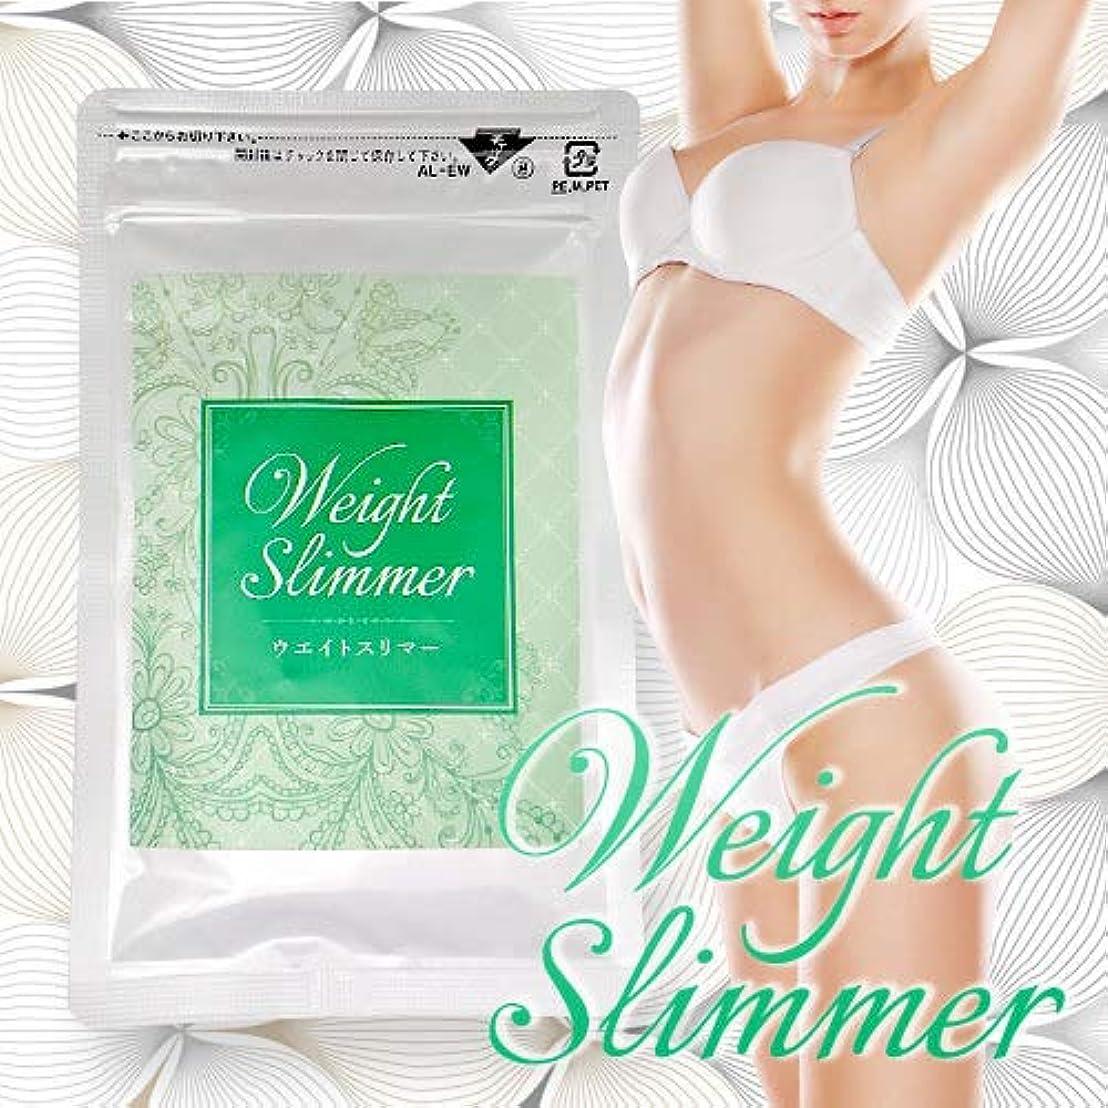 ランデブーアジアエーカーウェイトスリマー Weight Slimmer ダイエット ダイエットサプリメント